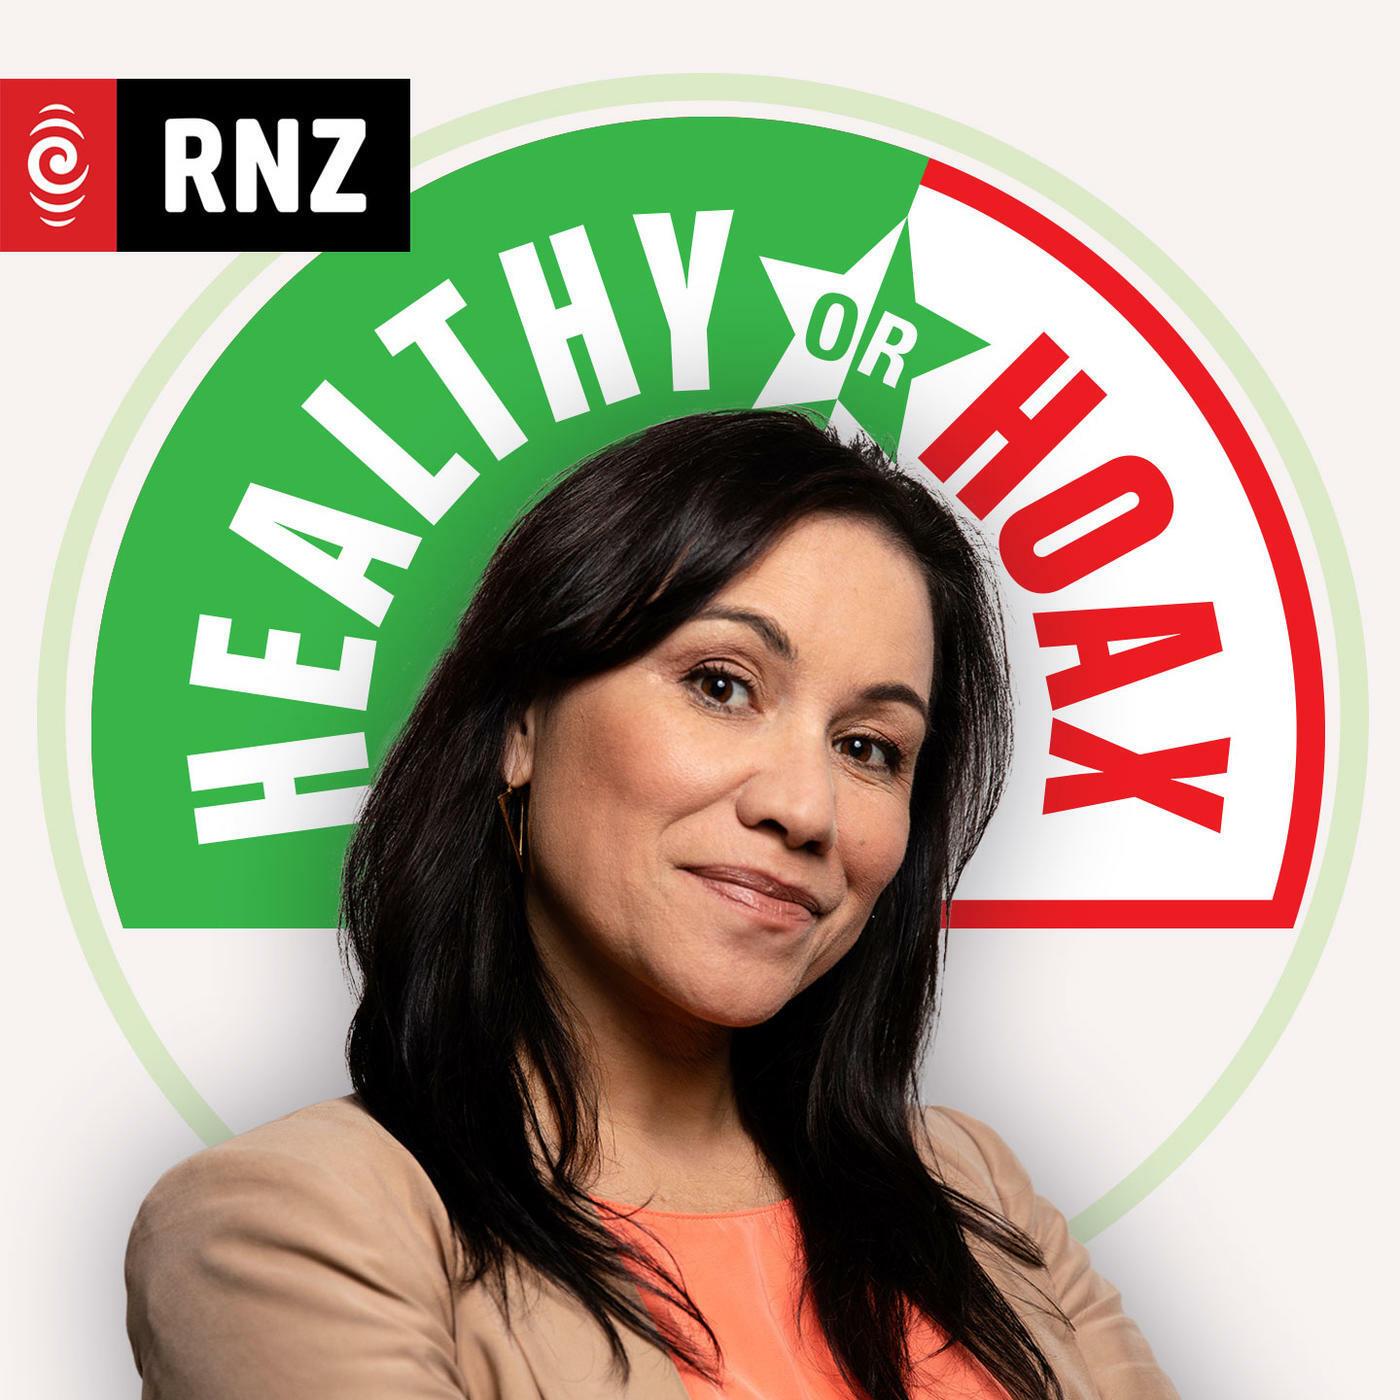 RNZ: Healthy or Hoax